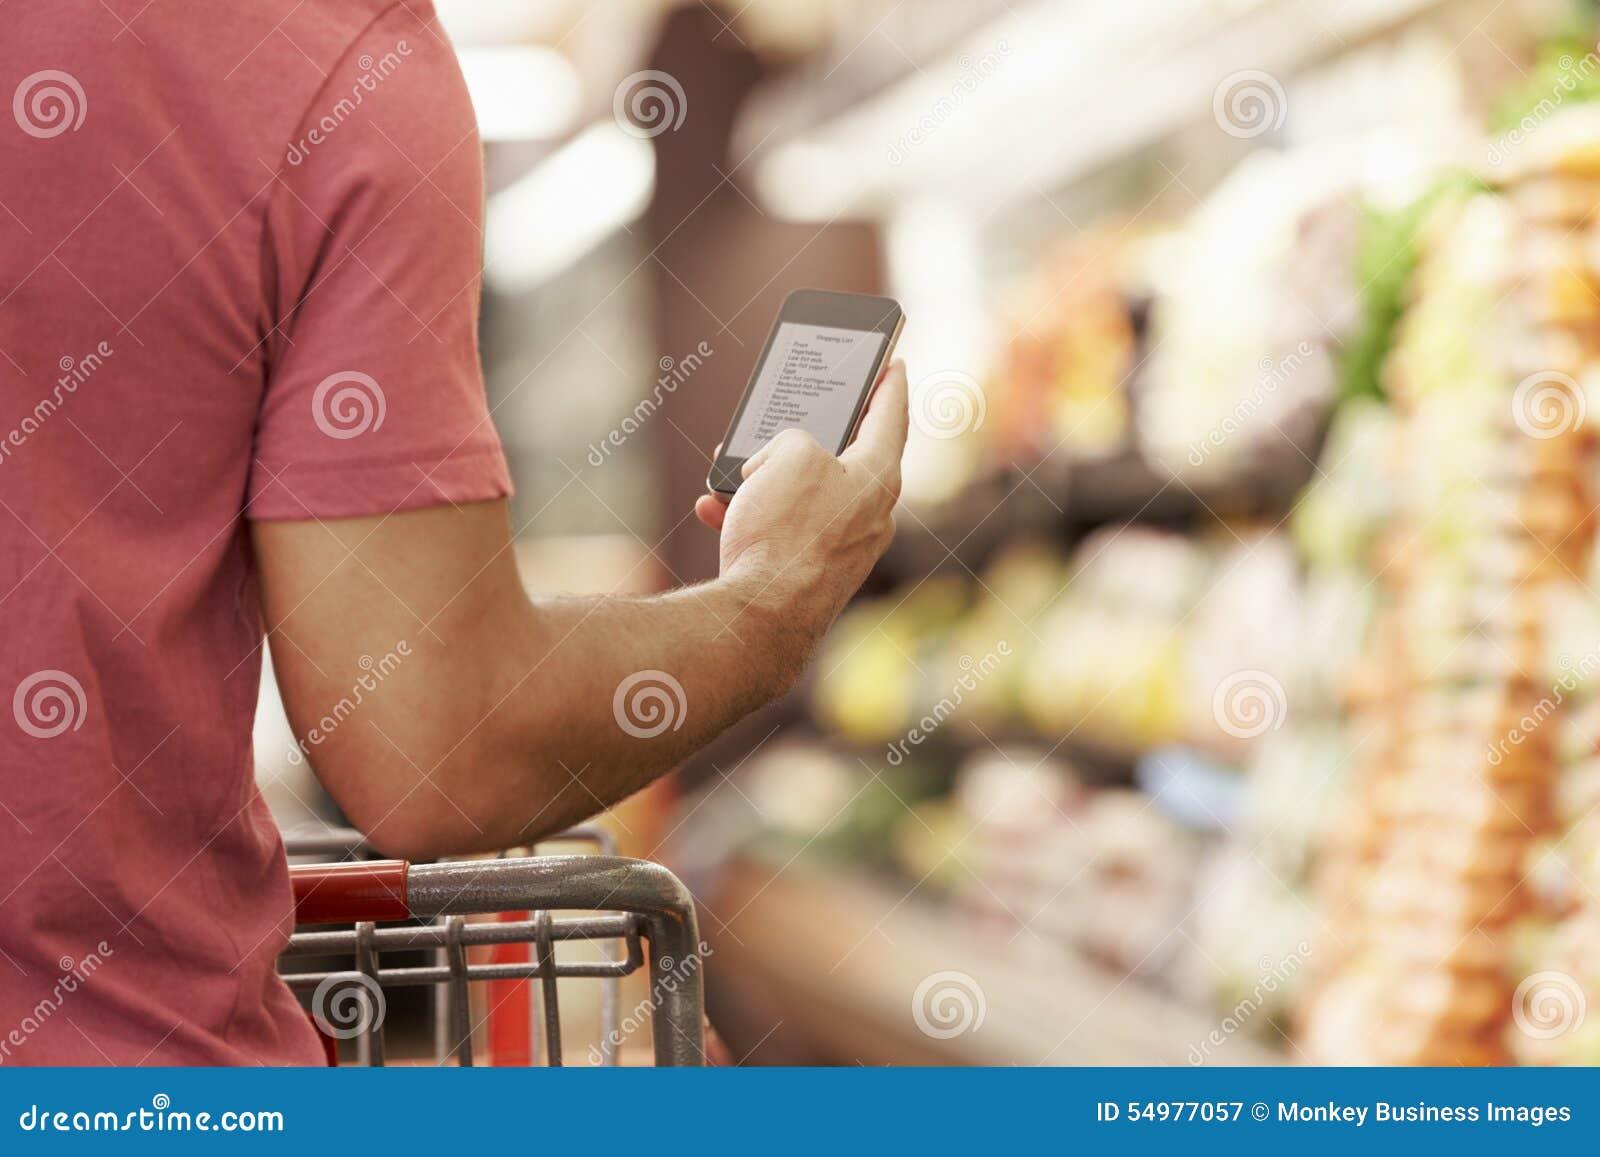 Закройте вверх списка покупок чтения человека от мобильного телефона в супермаркете